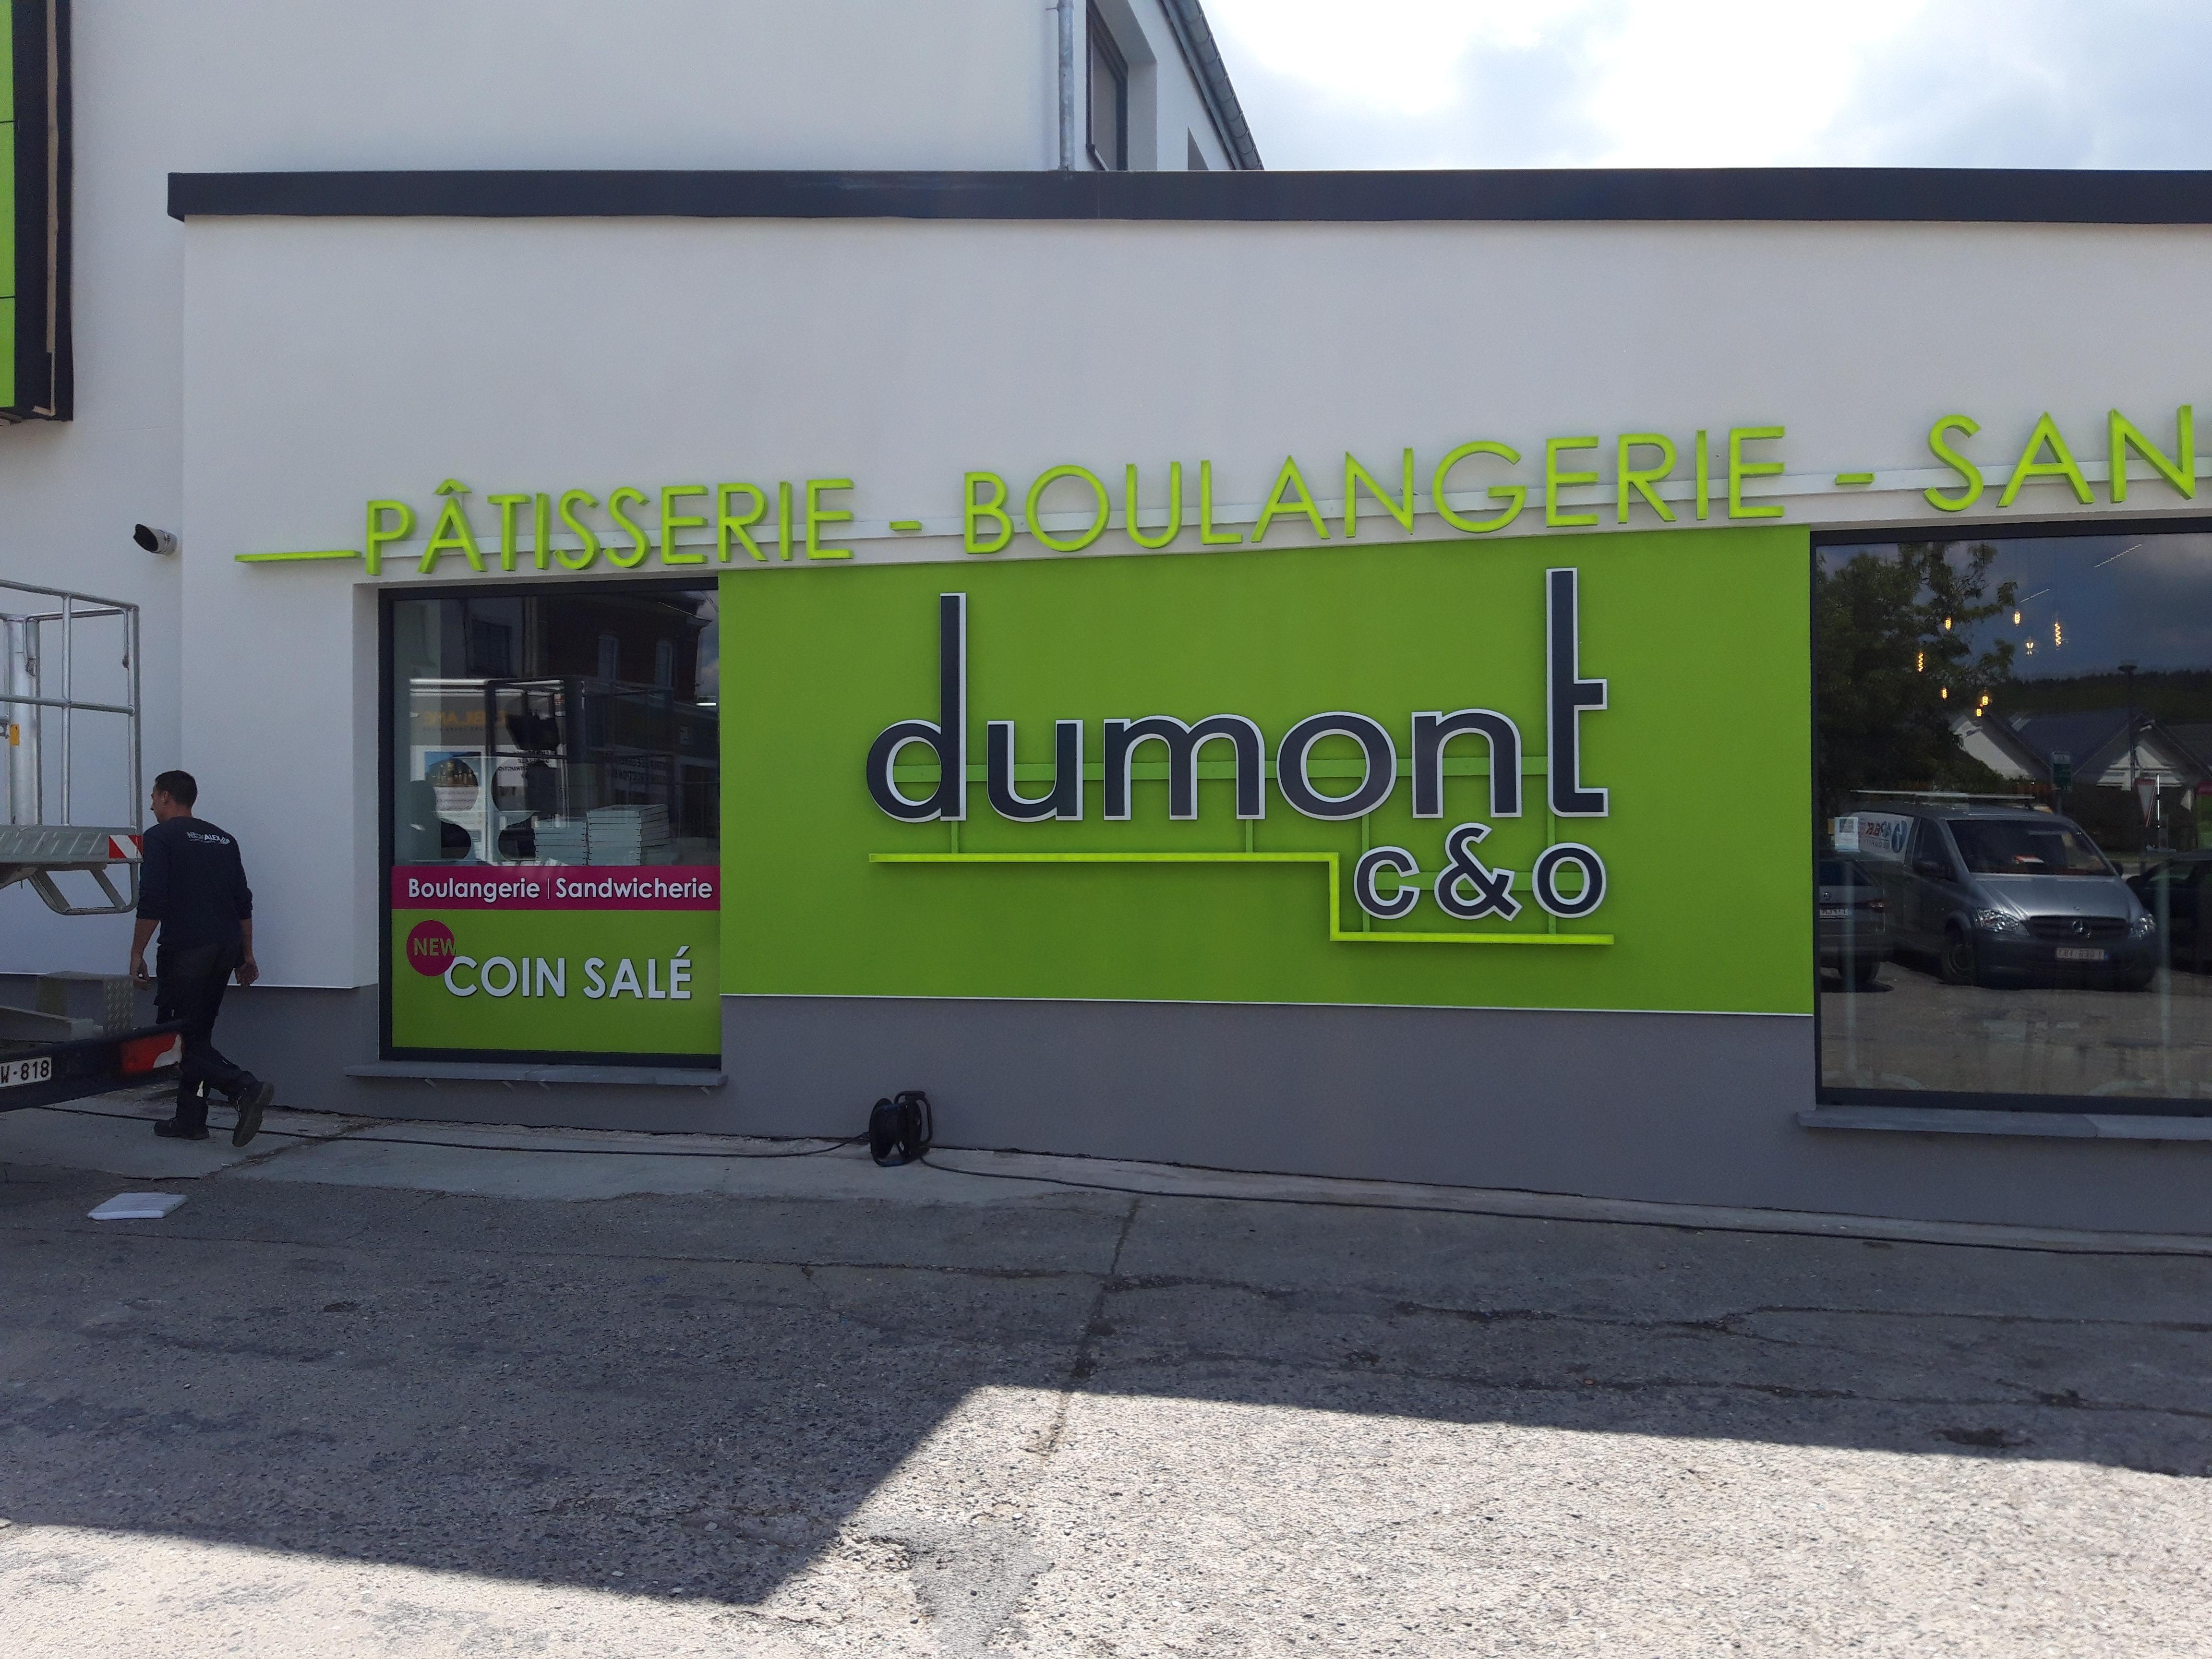 Lettres en relief - Dumont à Floreffe